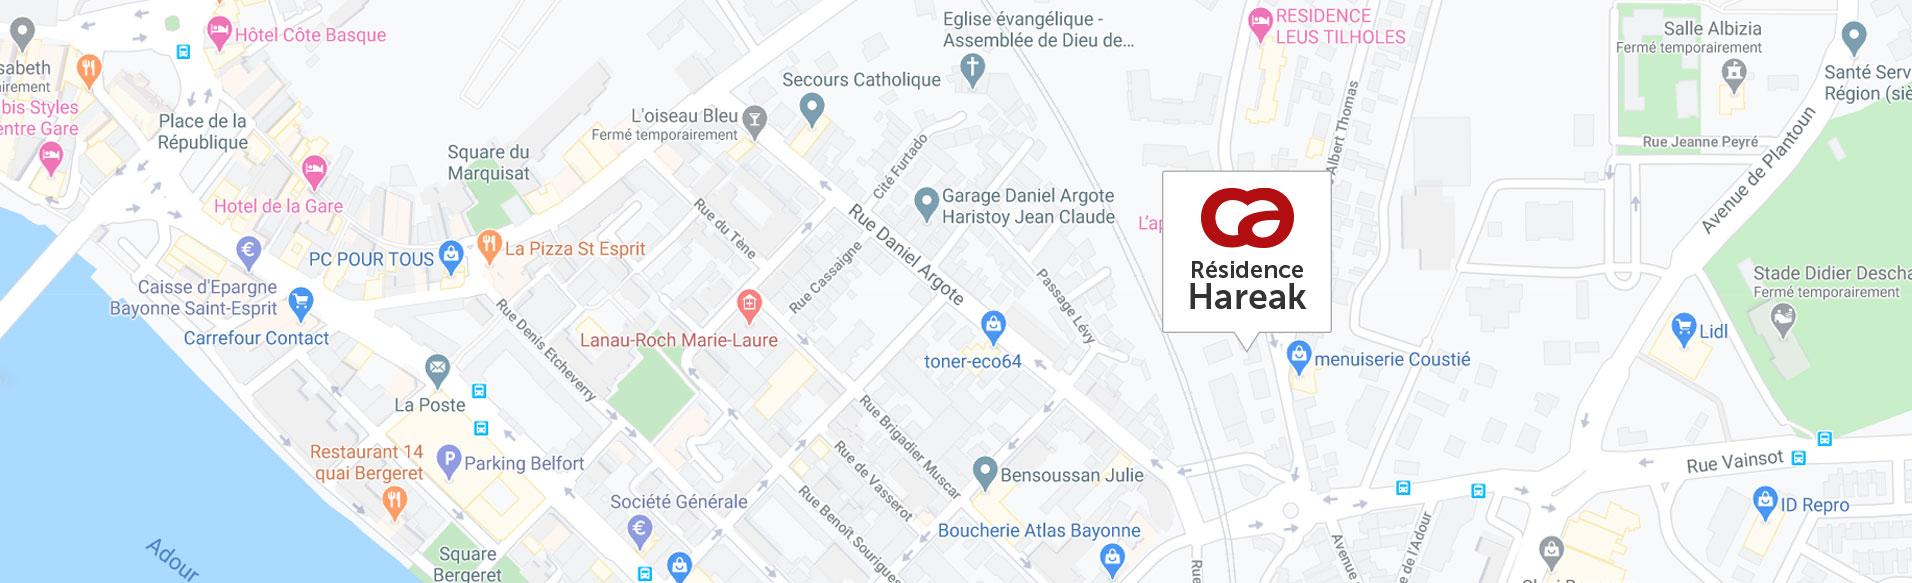 Carte de situation de la résidence hareak à Bayonne 2020